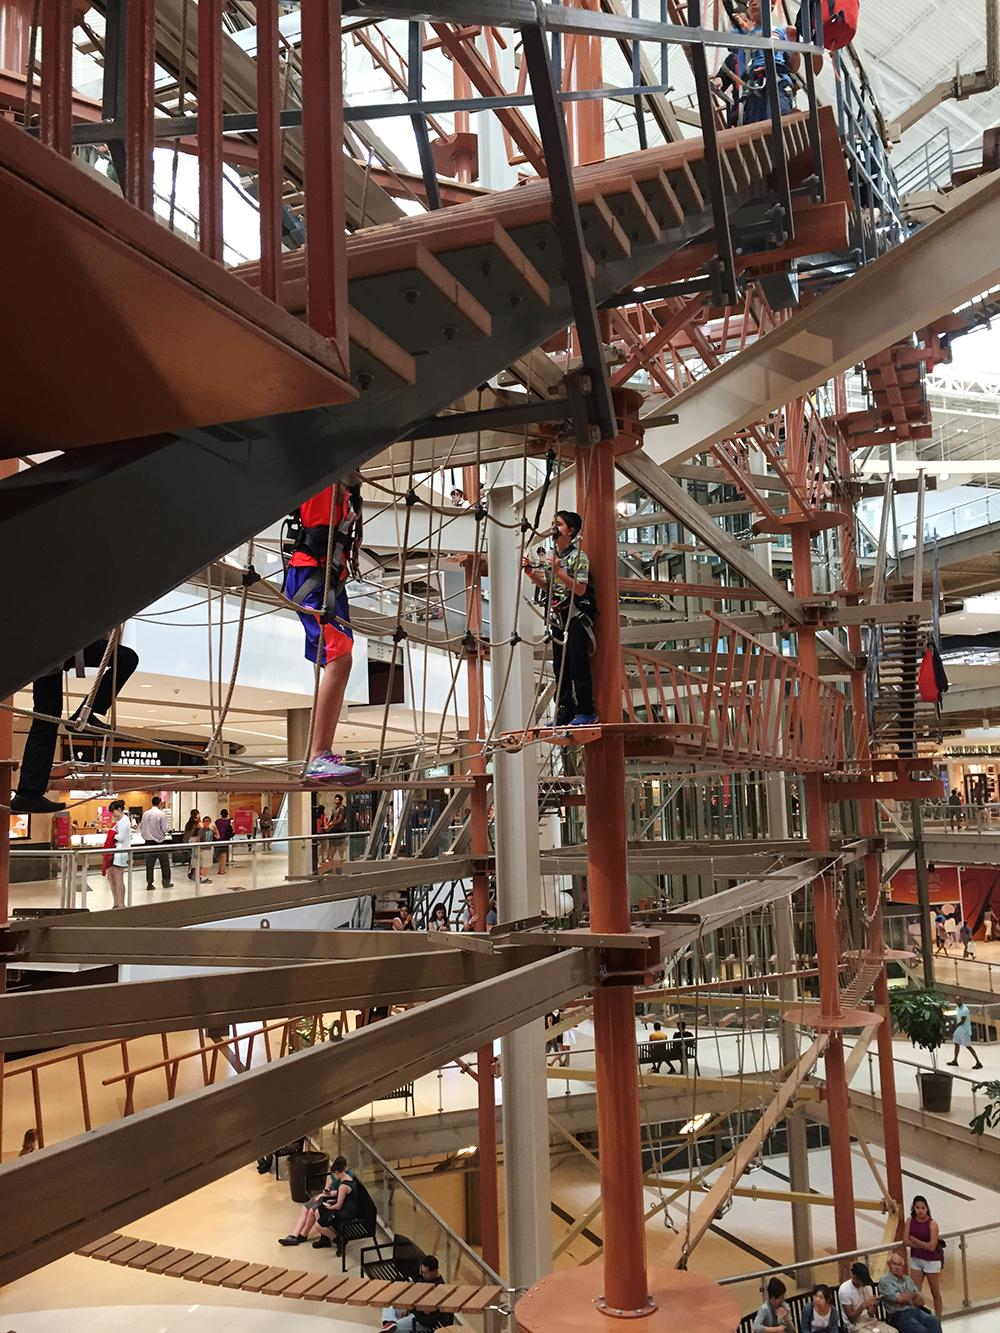 近くで見たらこんな感じ。 階段、はしご、ロープ、いろいろ見えますね。